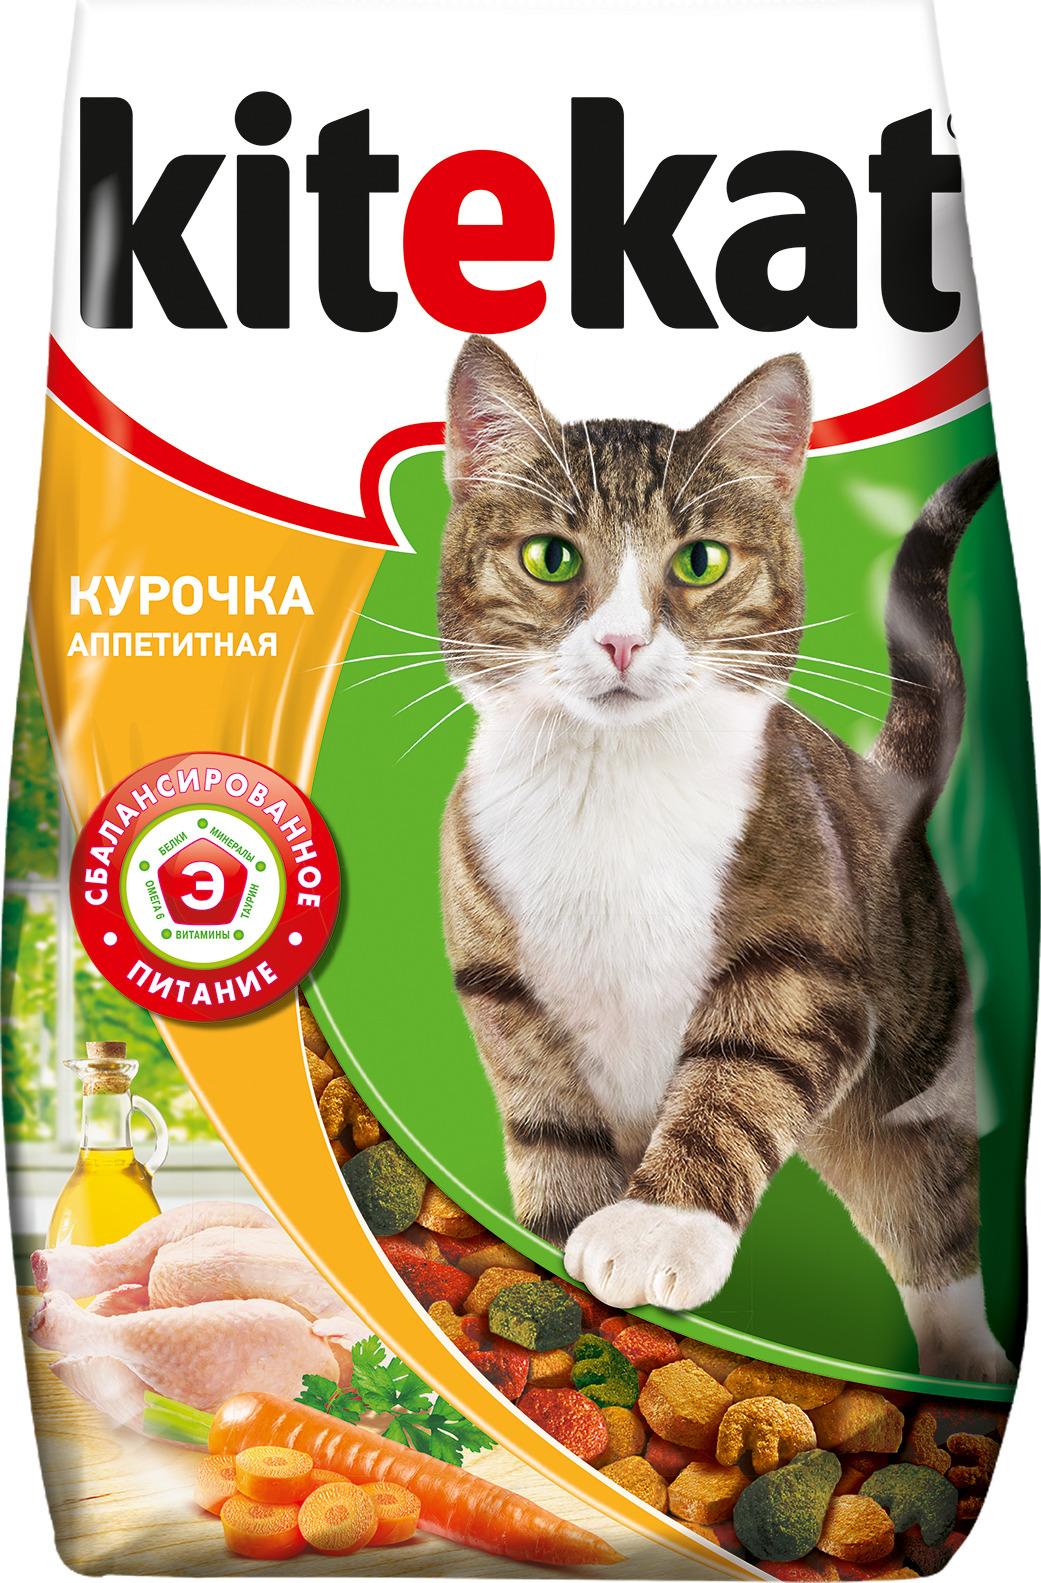 Корм сухой для кошек Kitekat, курочка аппетитная, 1,9 кг40426Сухой корм для взрослых кошек Kitekat - это специально разработанный рацион с оптимально сбалансированным содержанием белков, витаминов и микроэлементов. Уникальная формула Kitekat включает в себя все необходимые для здоровья компоненты: - белки - для поддержания мышечного тонуса, силы и энергии; - жирные кислоты - для здоровой кожи и блестящей шерсти; - кальций, фосфор, витамин D - для крепости костей и зубов; - таурин - для остроты зрения и стабильной работы сердца; - витамины и минералы, натуральные волокна - для хорошего пищеварения, правильного обмена веществ, укрепления здоровья. Товар сертифицирован.